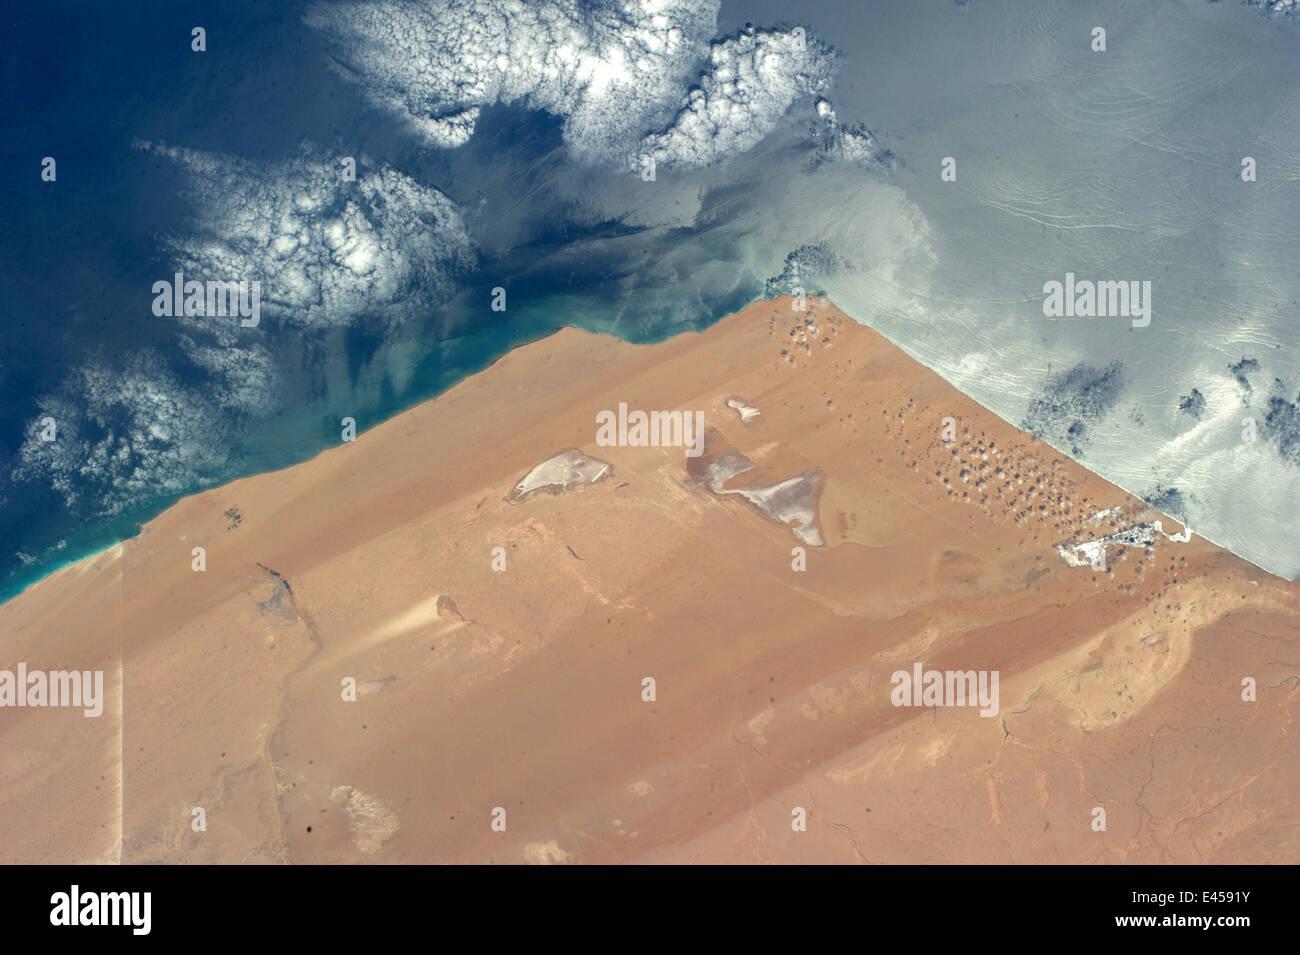 Western Sahara Deserto e il deserto del Sahara in Marocco Immagini Stock